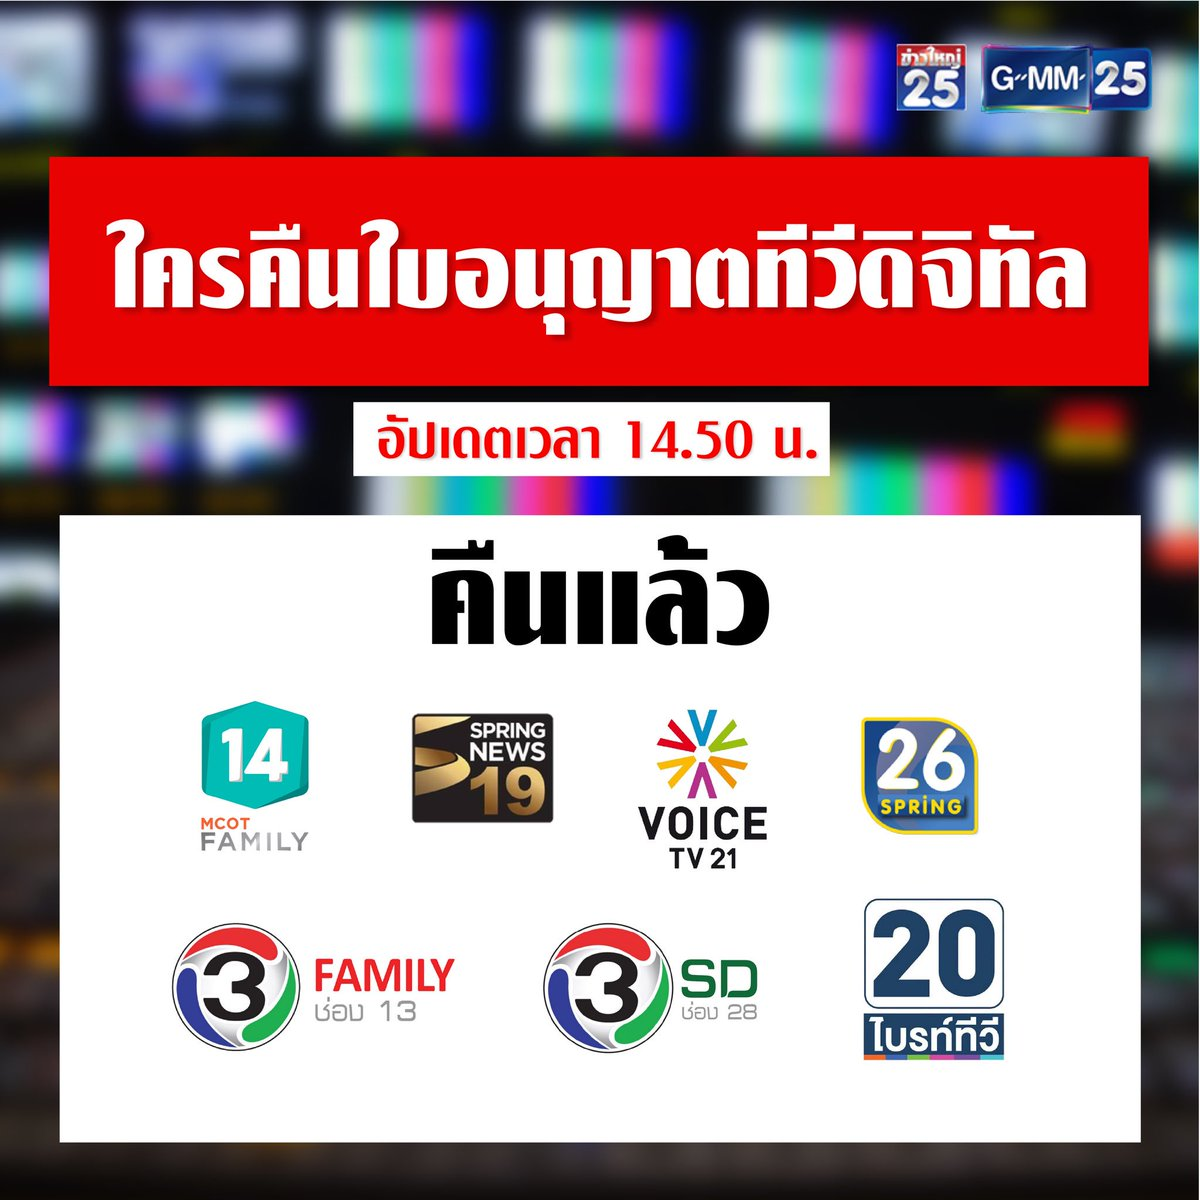 """ข่าวGMM25 ar Twitter: """"#Breaking เวลา 14.50 นายฐากร ตัณฑสิทธิ์  ได้สรุปจำนวนช่องที่มีการขอคืนใบอนุญาตทั้งสิ้น 7 ช่อง Bright TV 20 Voice TV  21 MCOT Family Spring News ช่อง 19 Spring ช่อง 26 ช่อง 3 Family ช่อง 3 SD"""